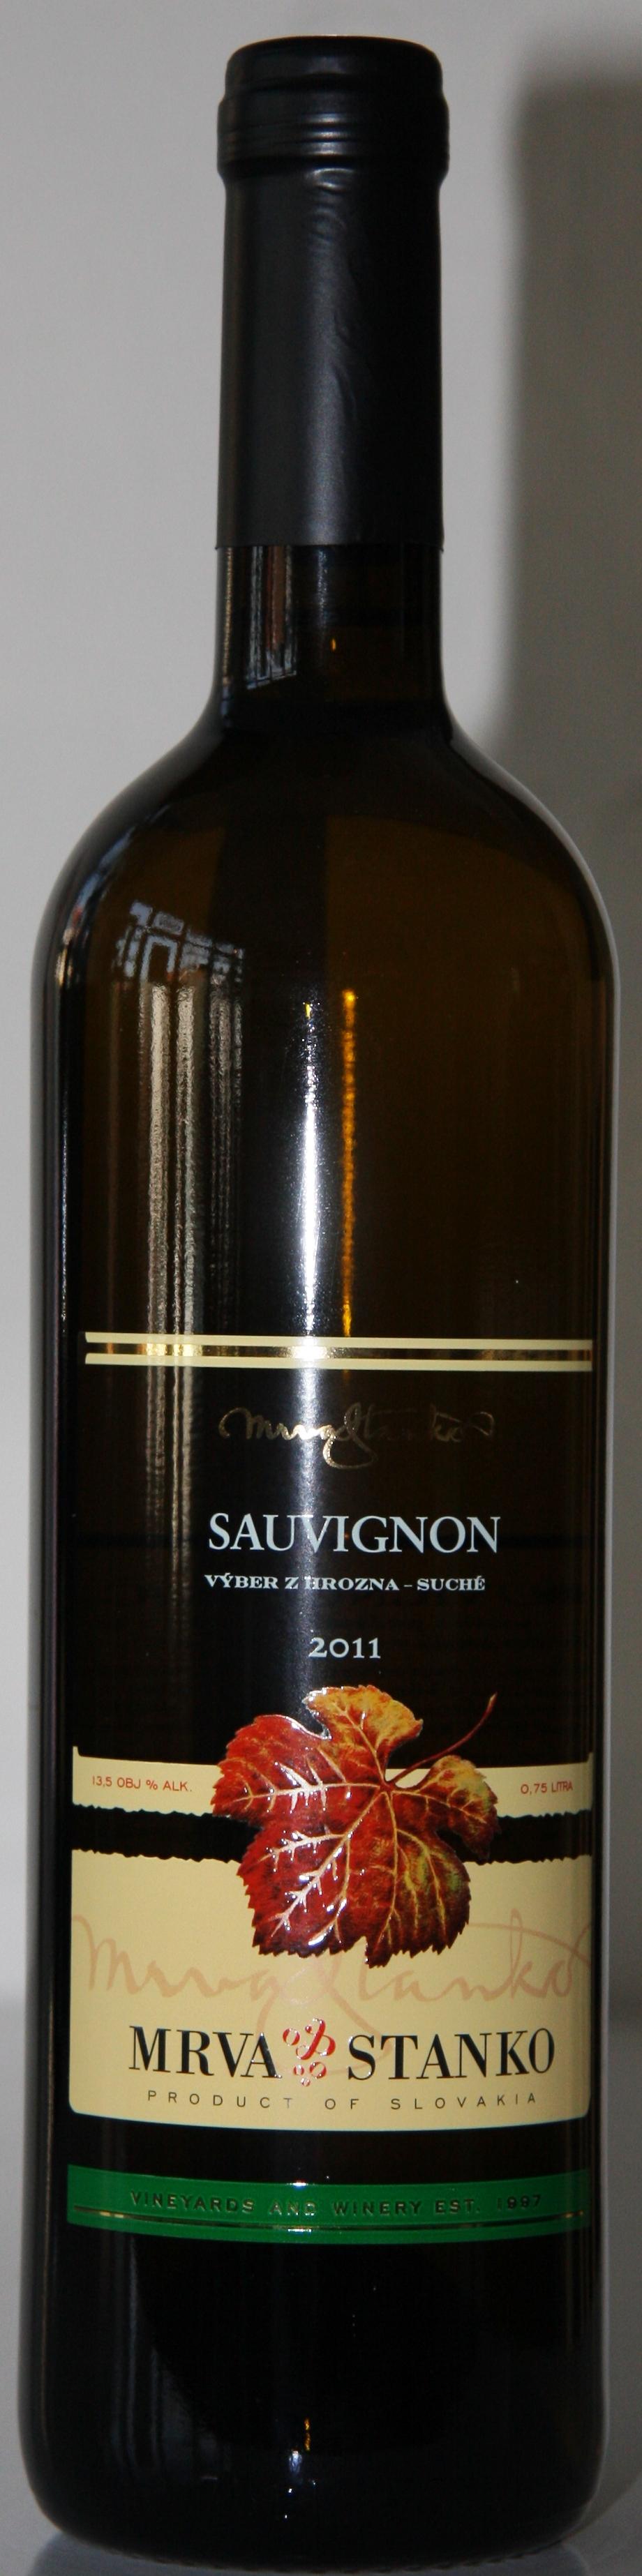 Sauvignon Mrva Stanko 2011 Výber z hrozna